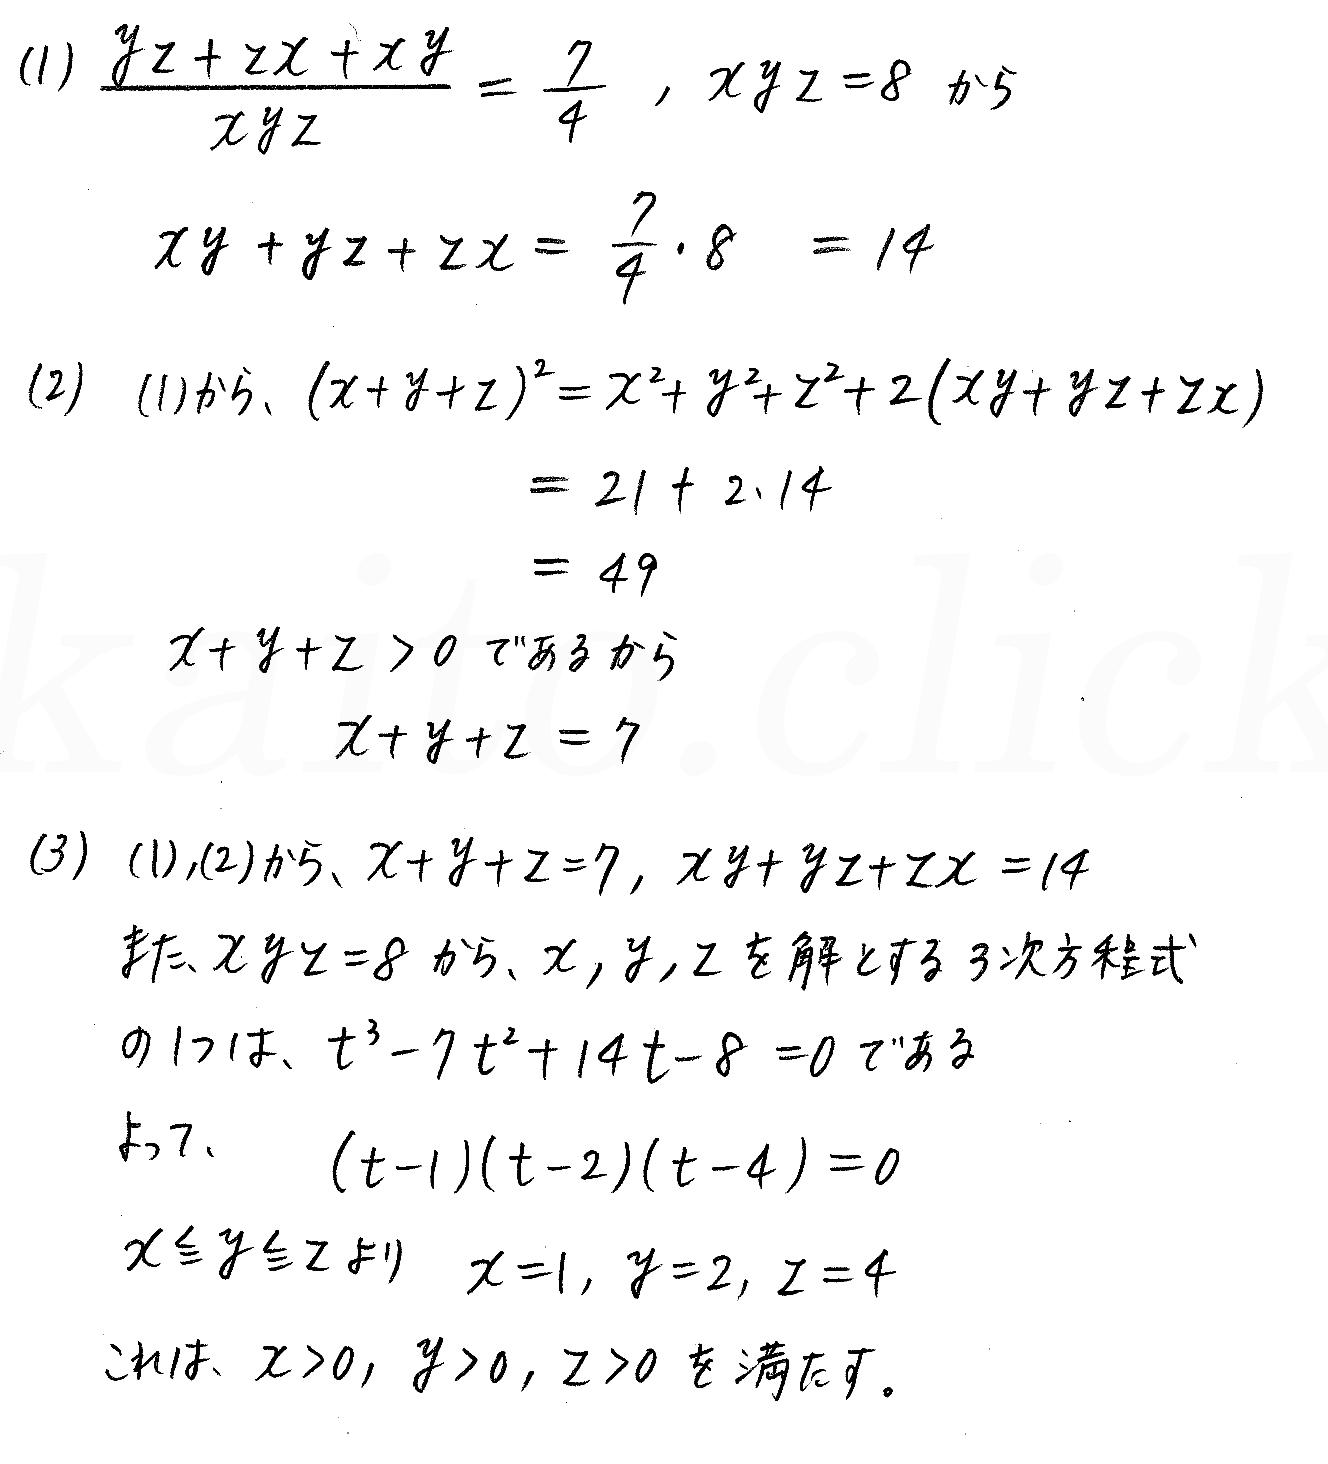 クリアー数学演習12AB受験編-39解答